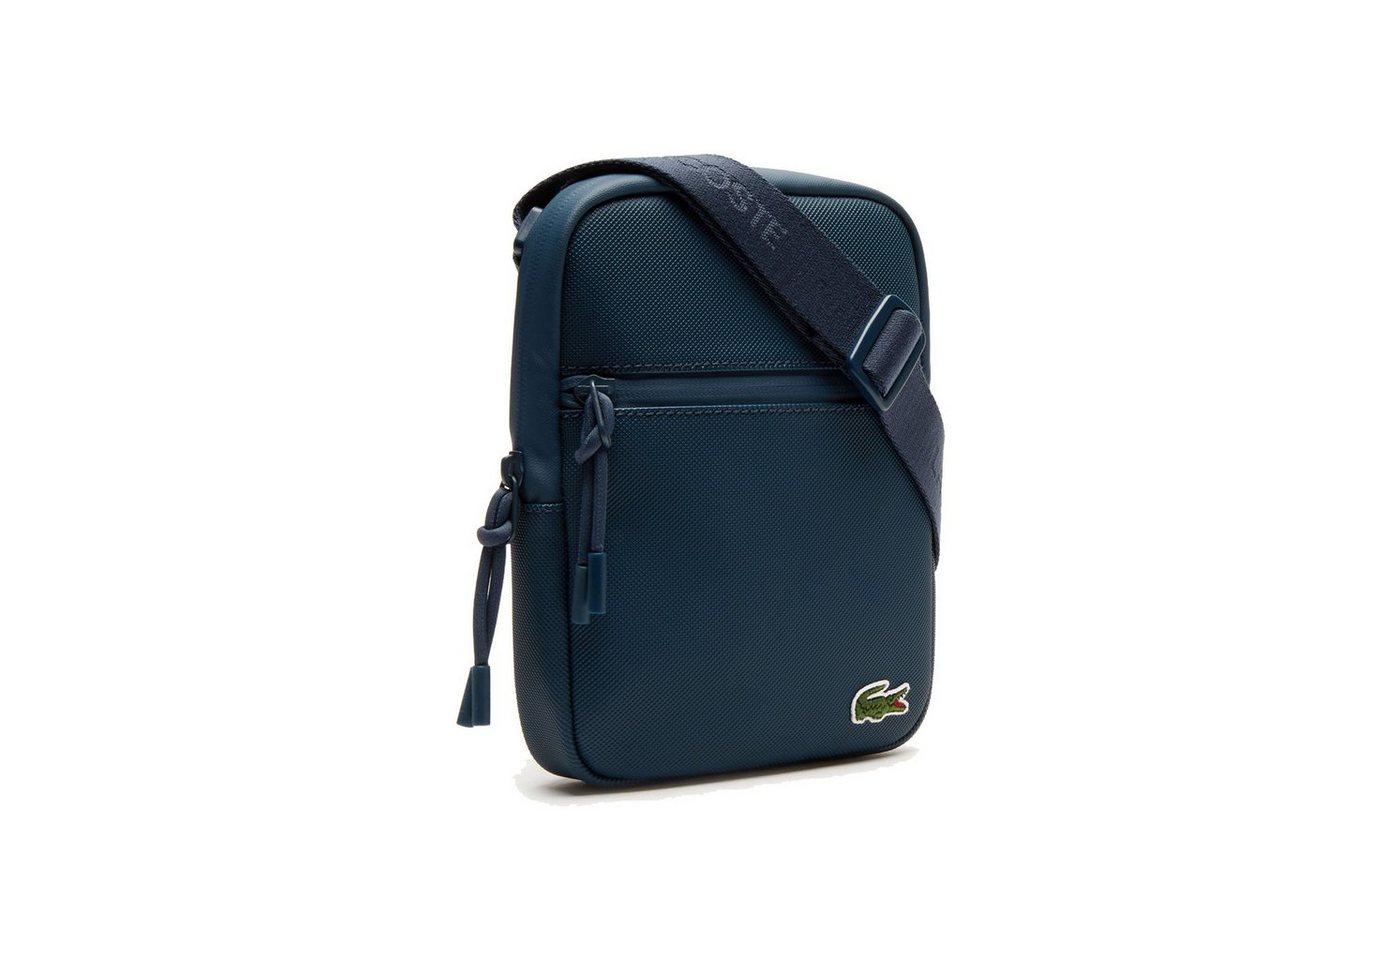 lacoste -  Umhängetasche »Herren Umhängetasche - Crossover Bag, blau«